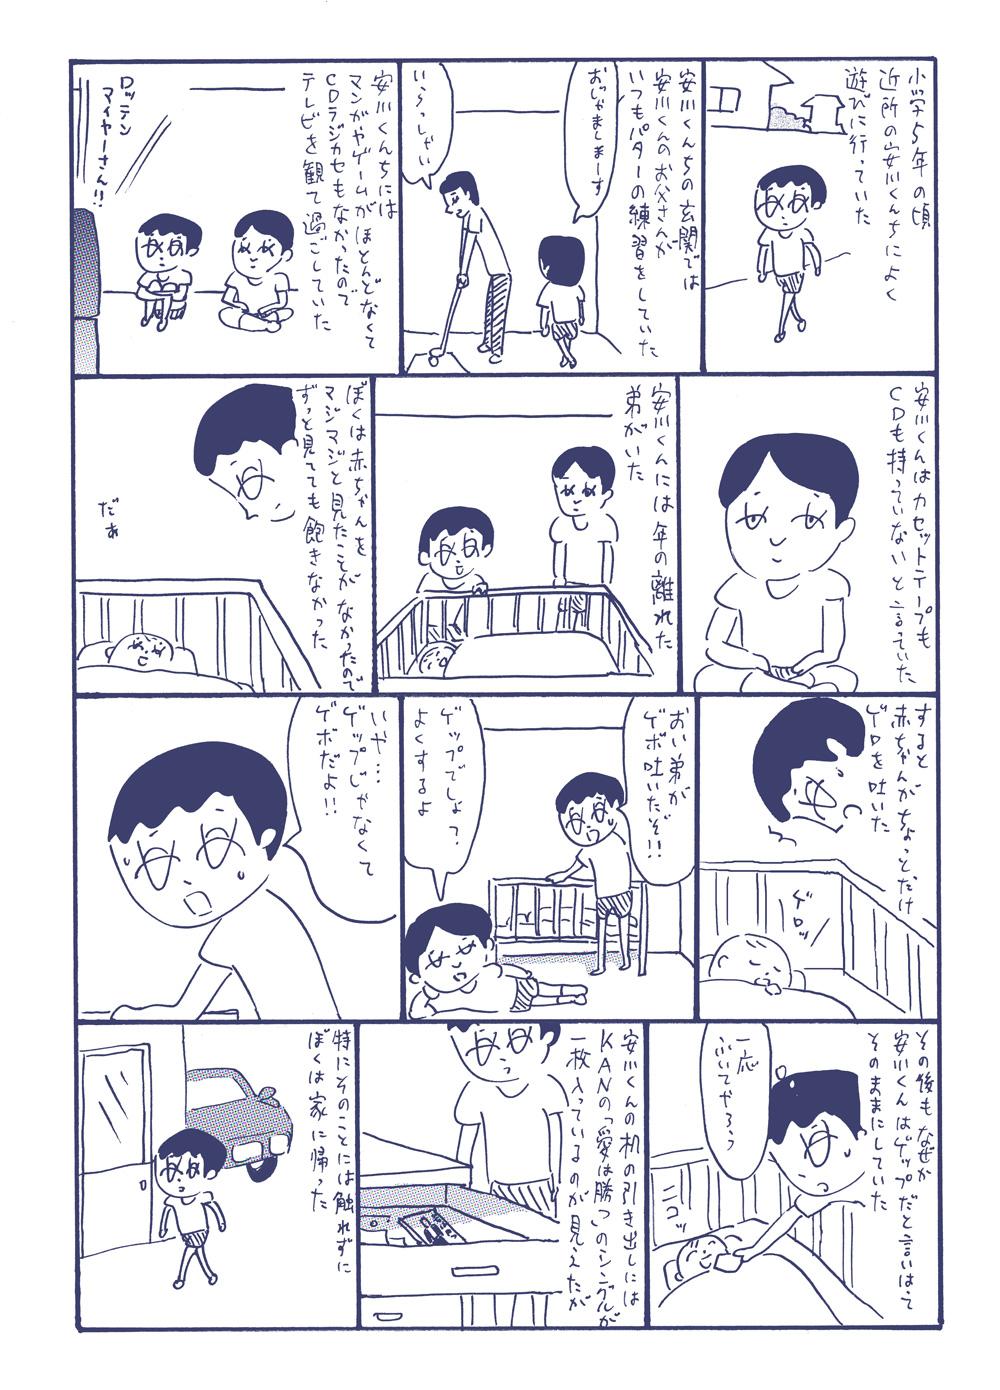 oohashi-003